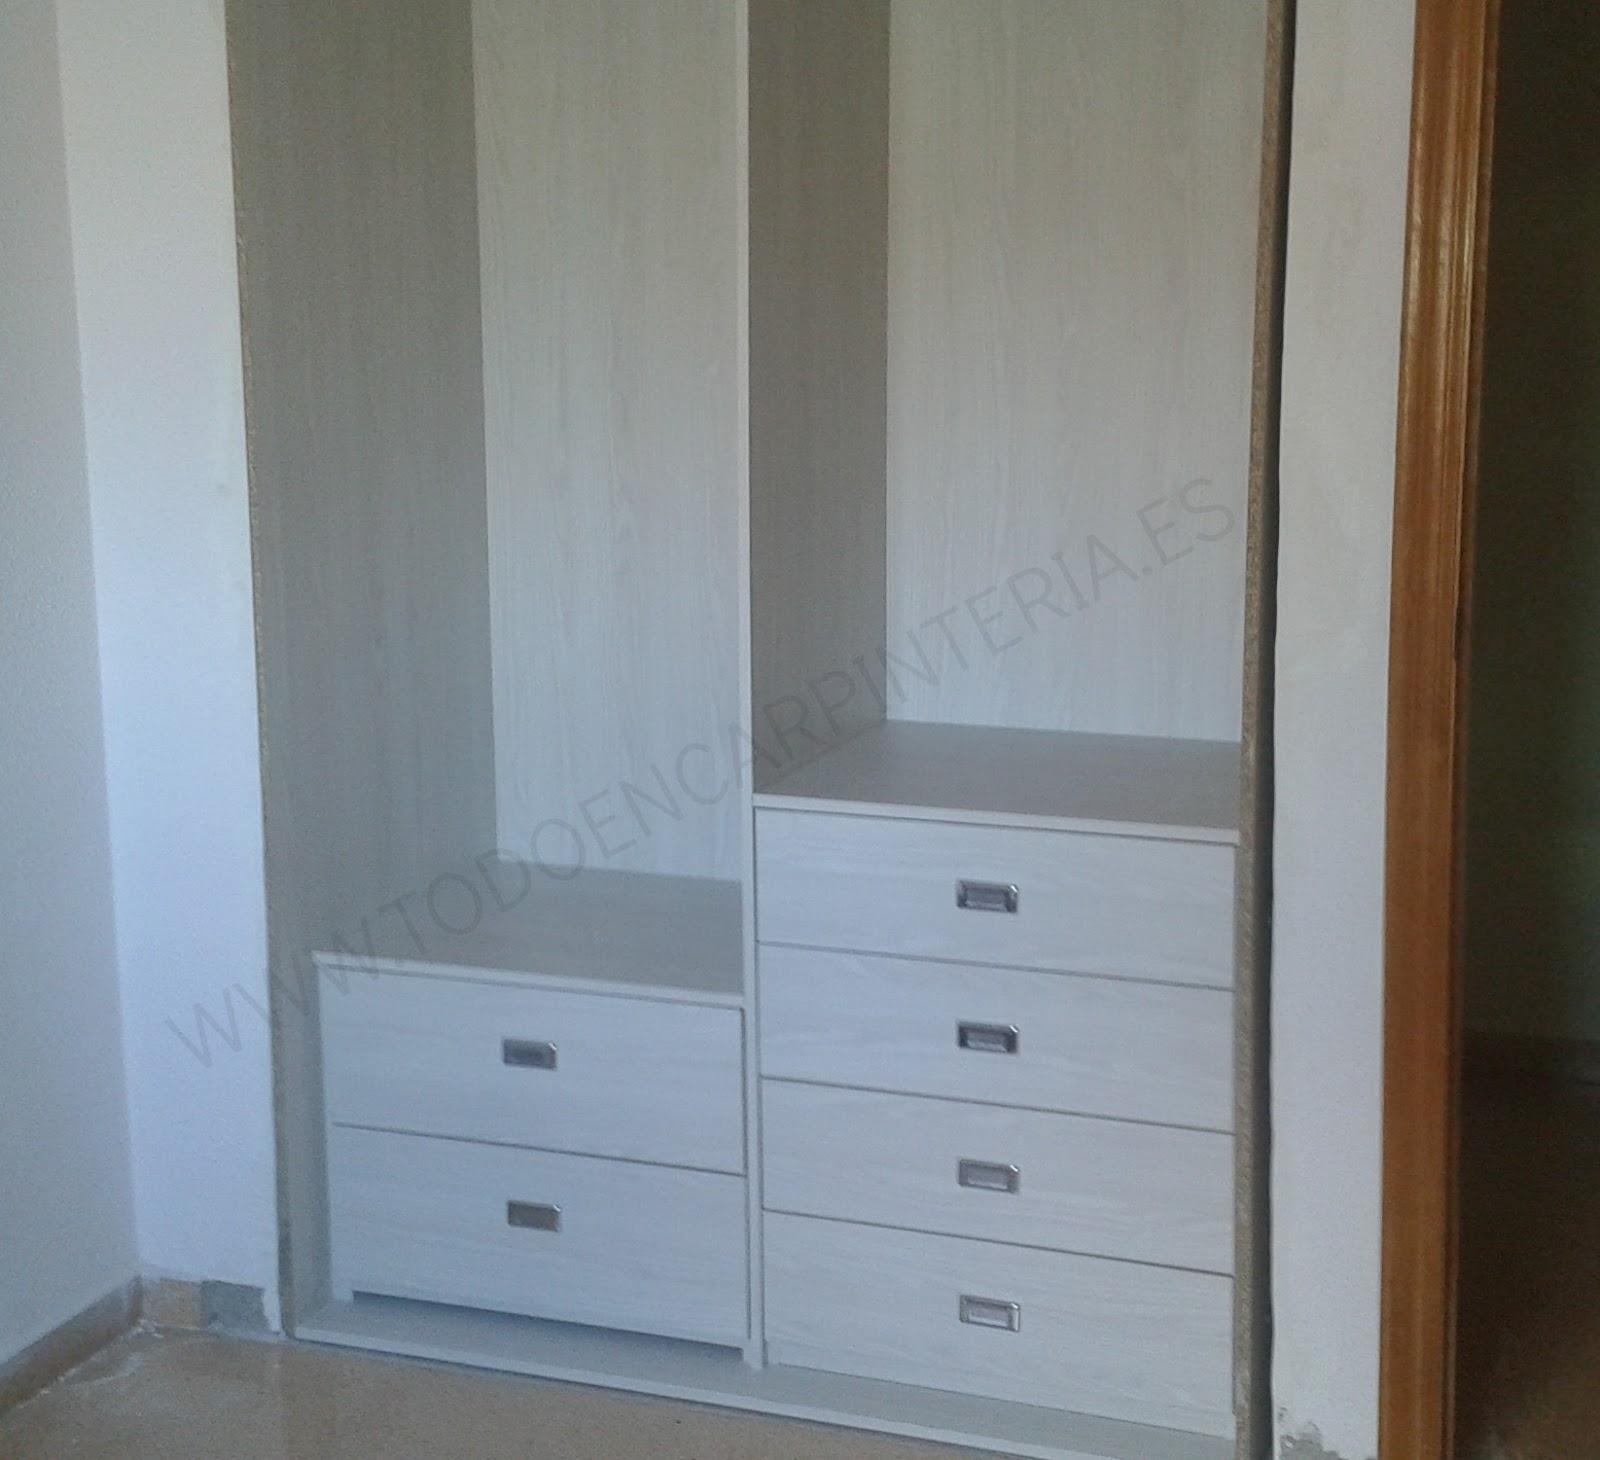 Interior de armario con cajoneras a distinta alturas - Cajoneras interior armario ...